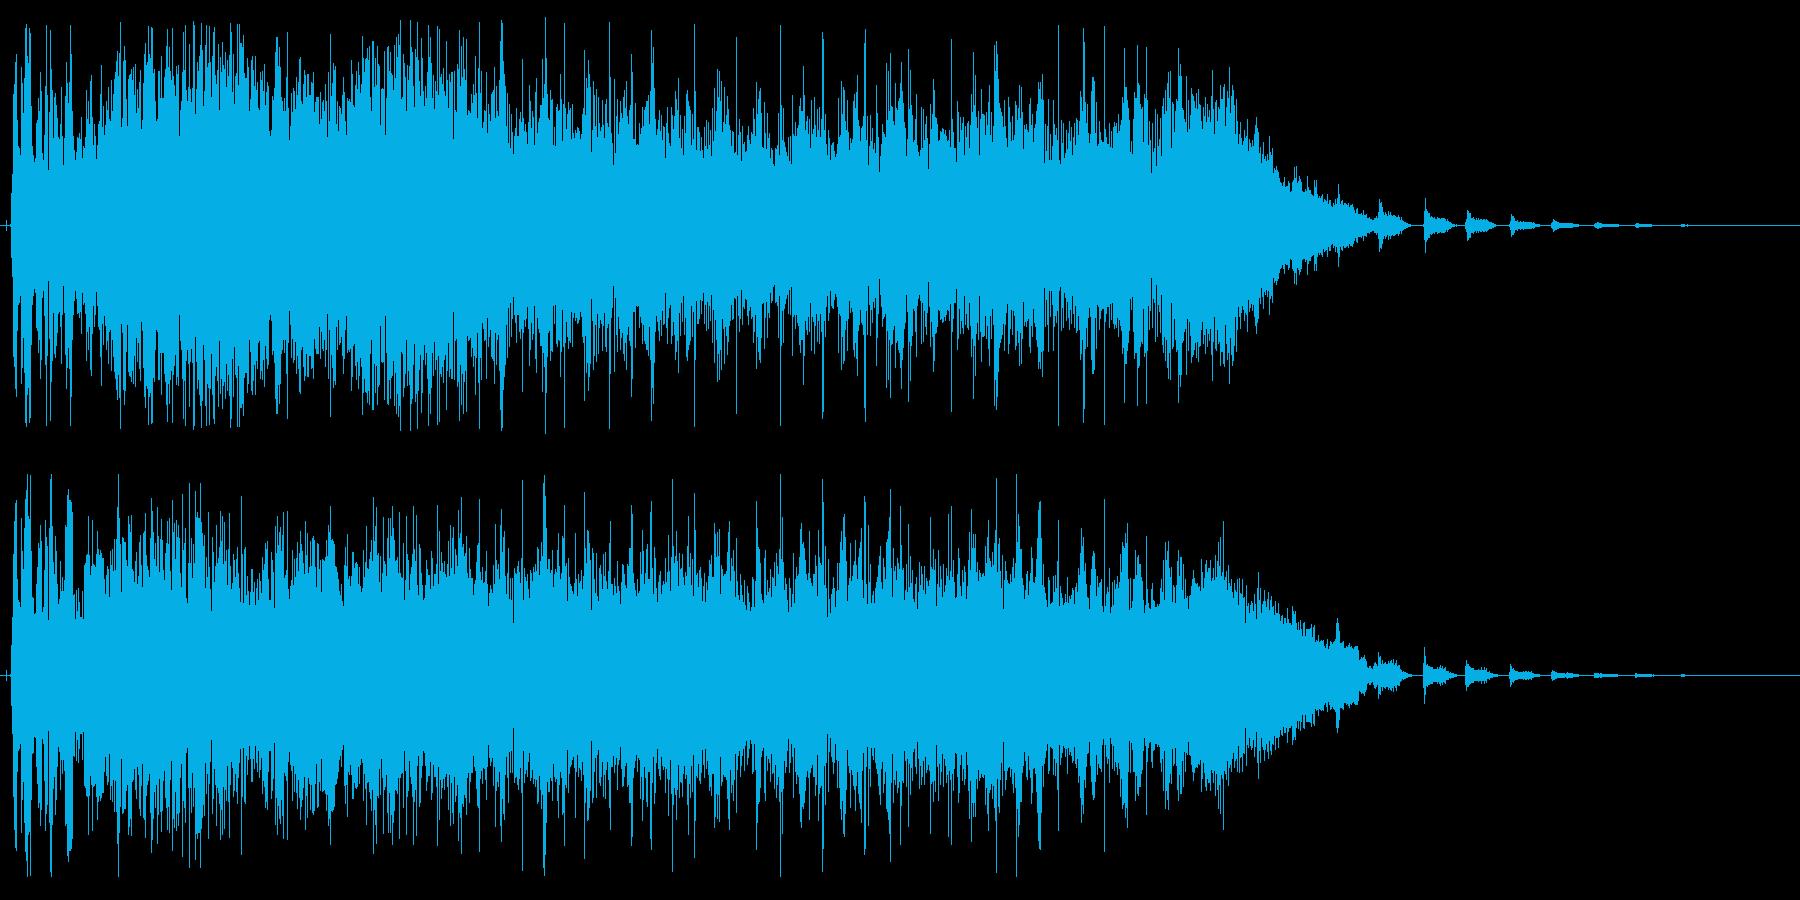 激しく爆発するかのようなジングルの再生済みの波形